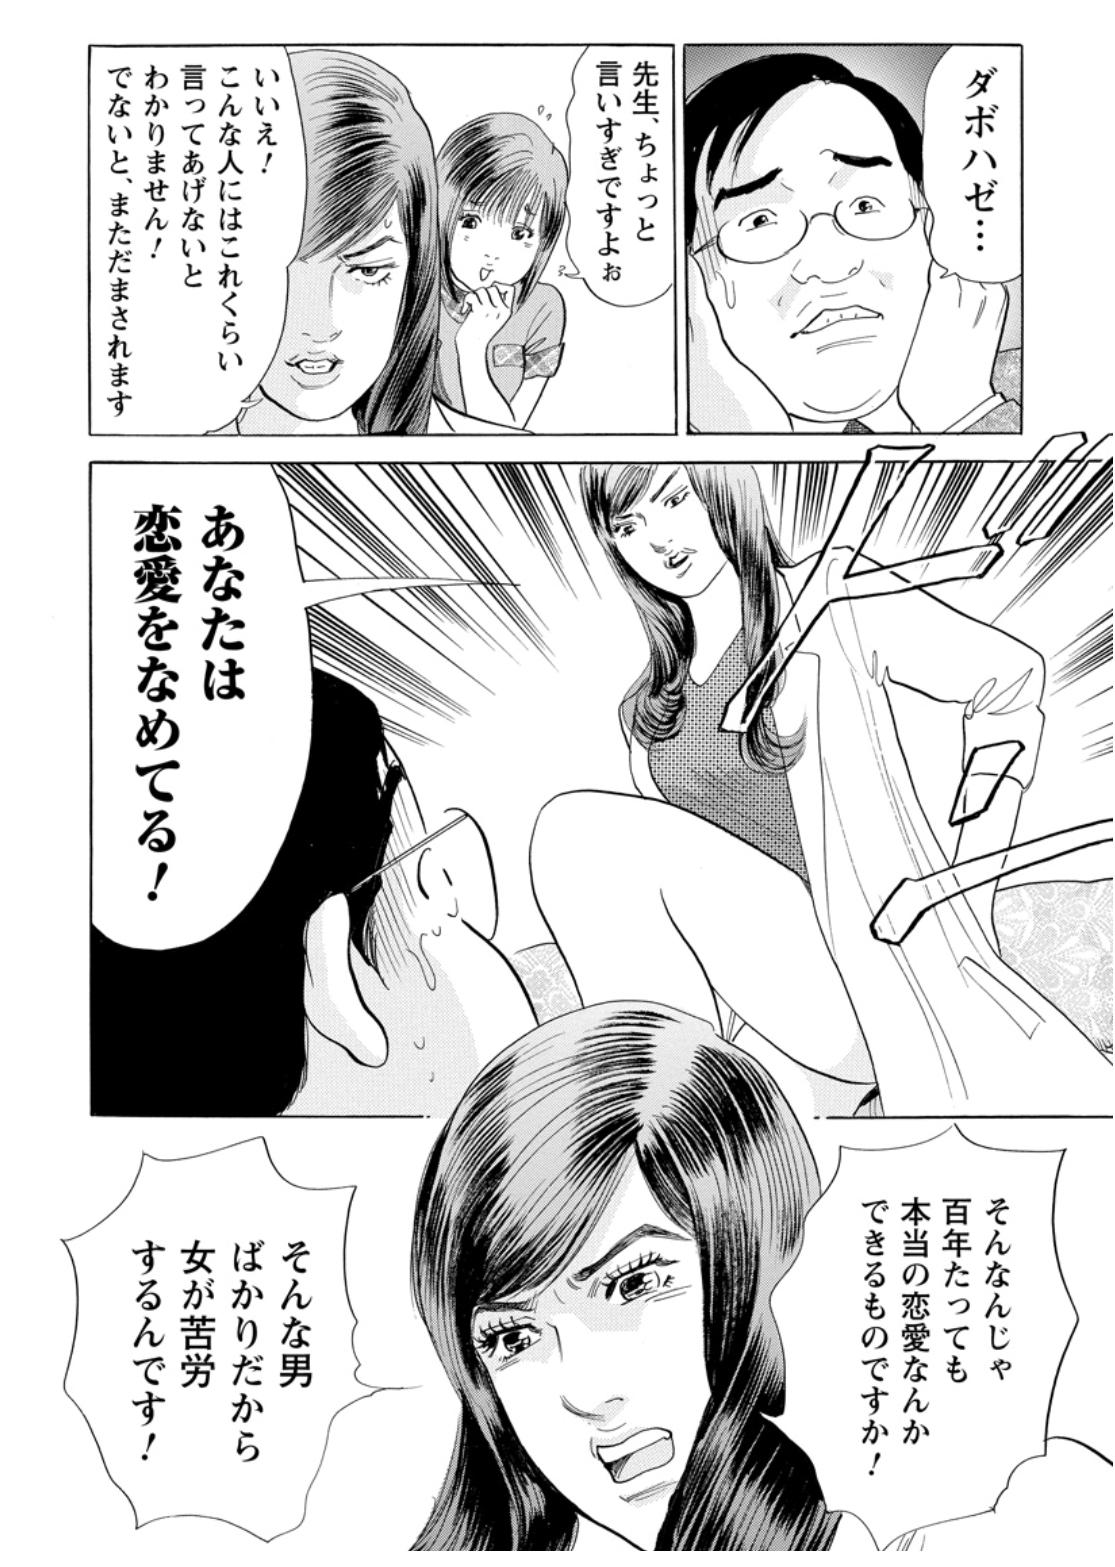 「愛の実験」で恋愛の悩みはスッキリ解決!?【1巻ネタバレ注意】